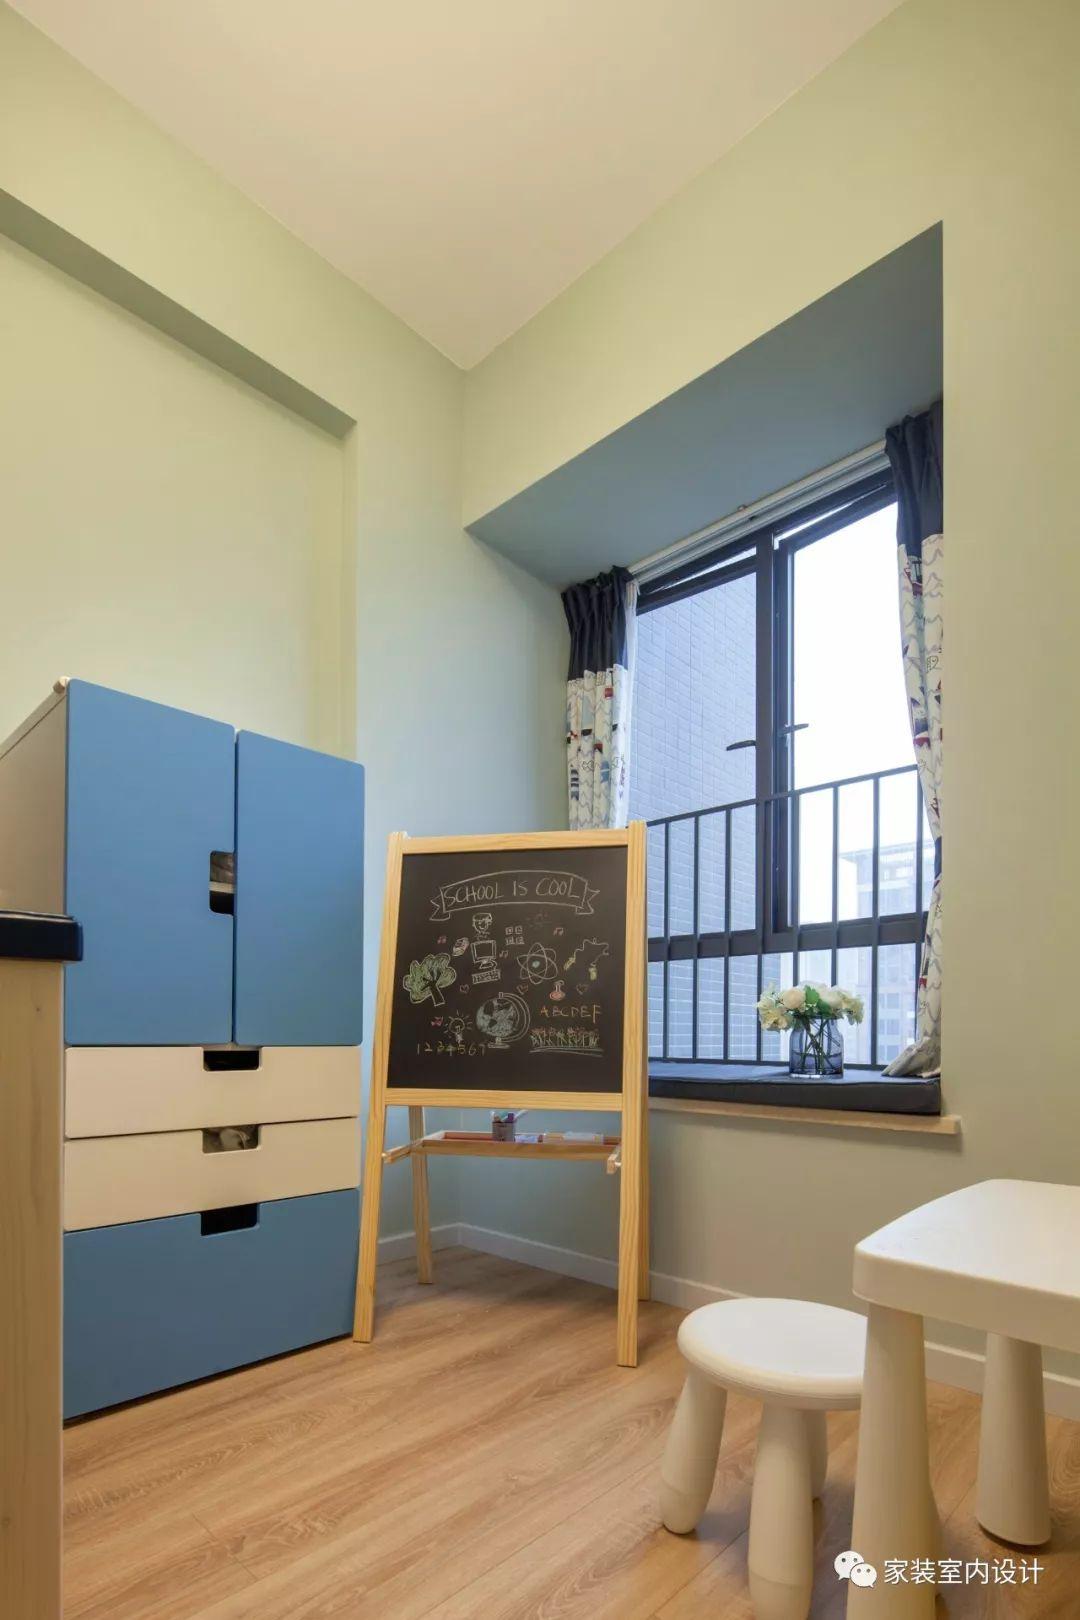 豆沙绿墙壁,小云朵造型抱枕,将整个空间点缀得充满活力与